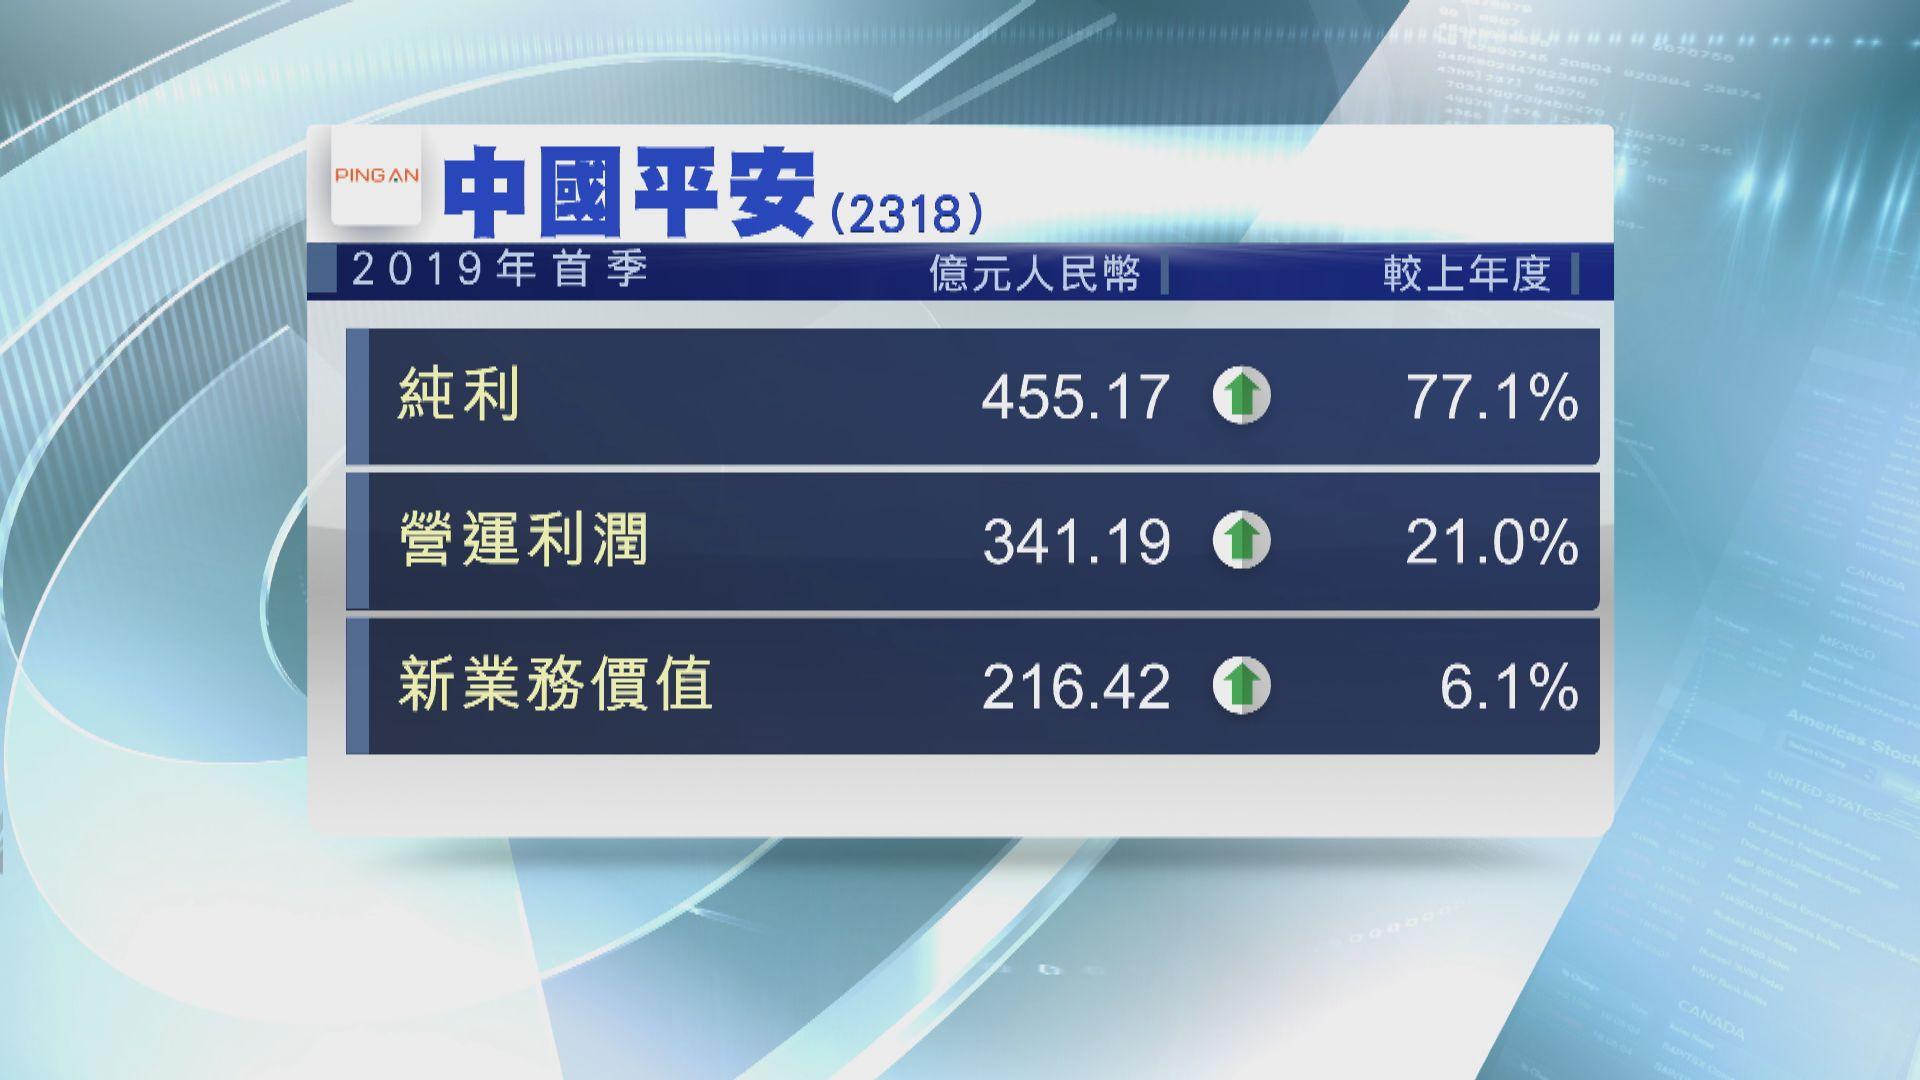 【業績速報】平保首季多賺77%